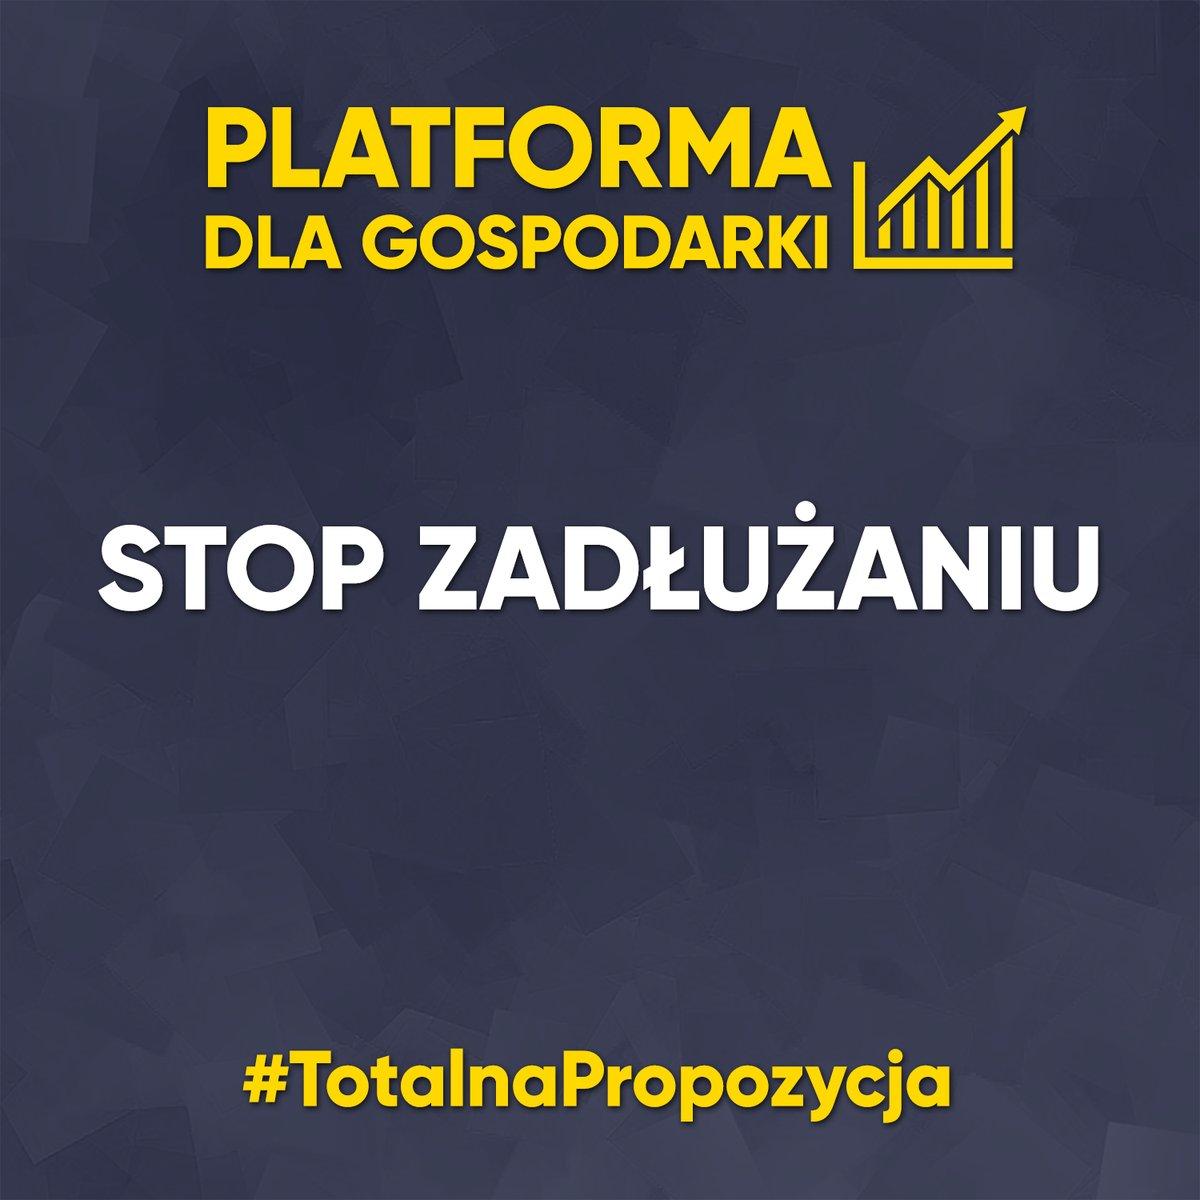 #TotalnaPropozycja